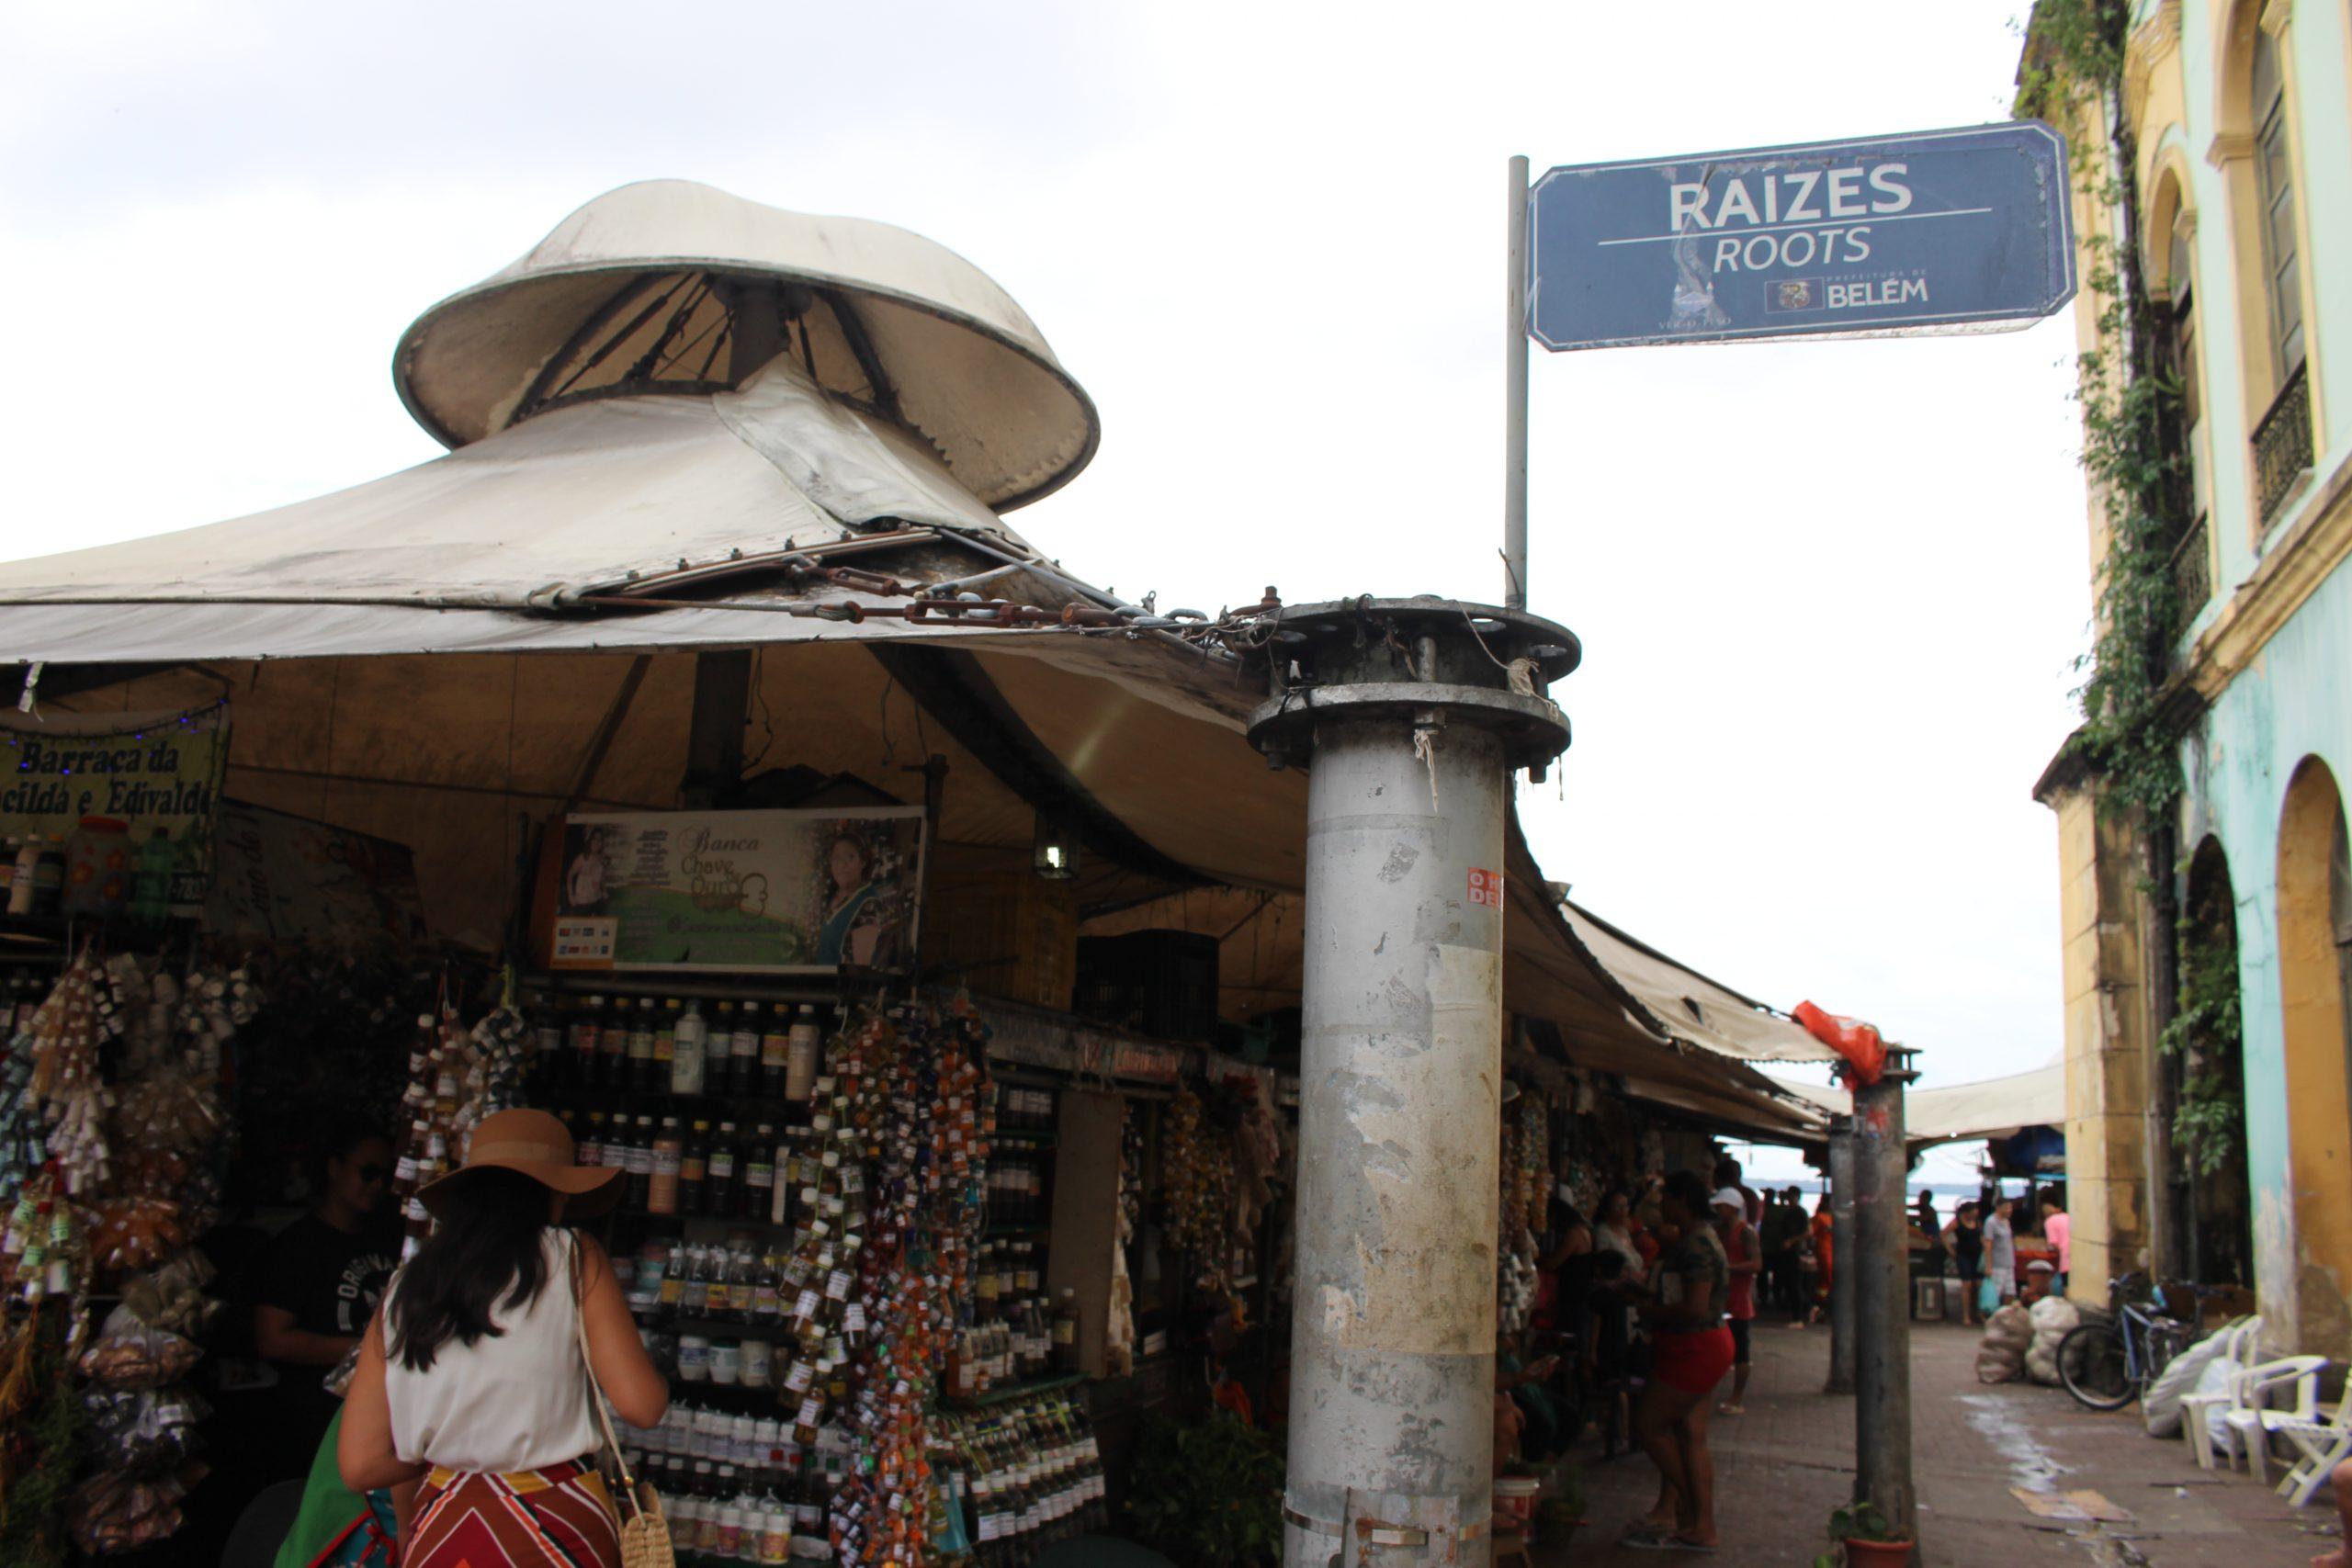 mercado-_ver_o_peso_corredor_raizes